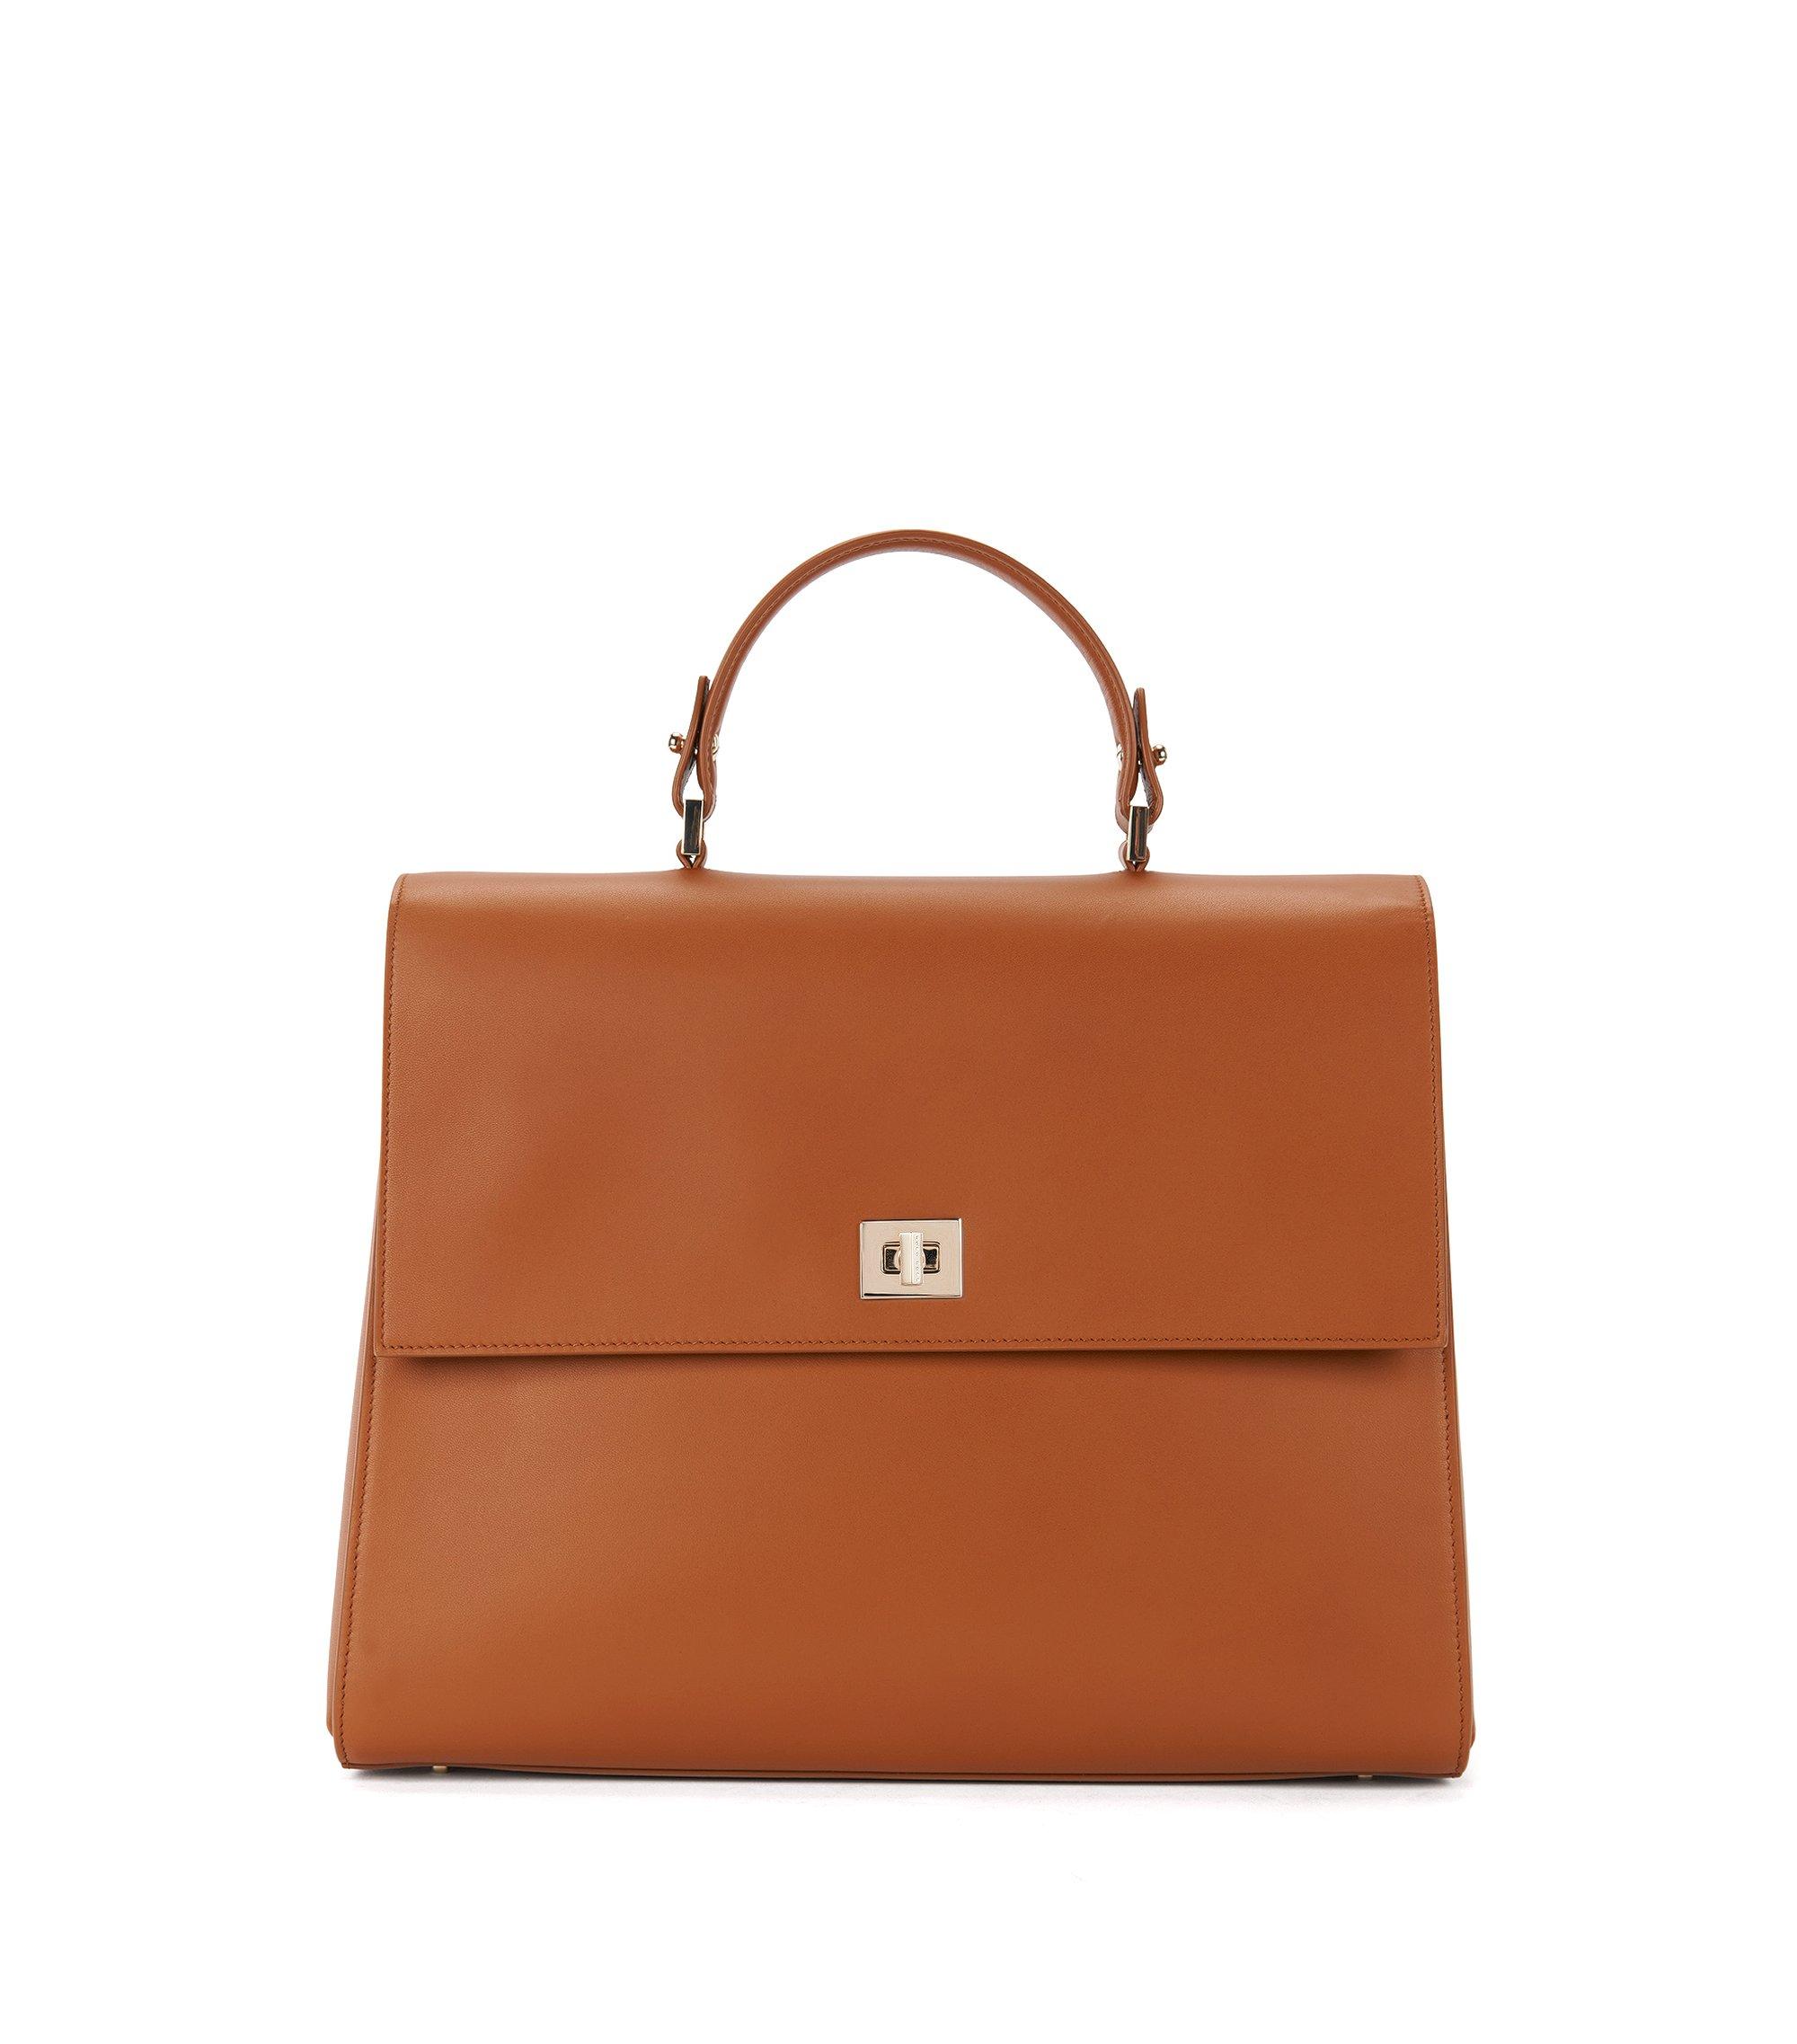 BOSS Bespoke Handtasche aus glattem Leder, Braun